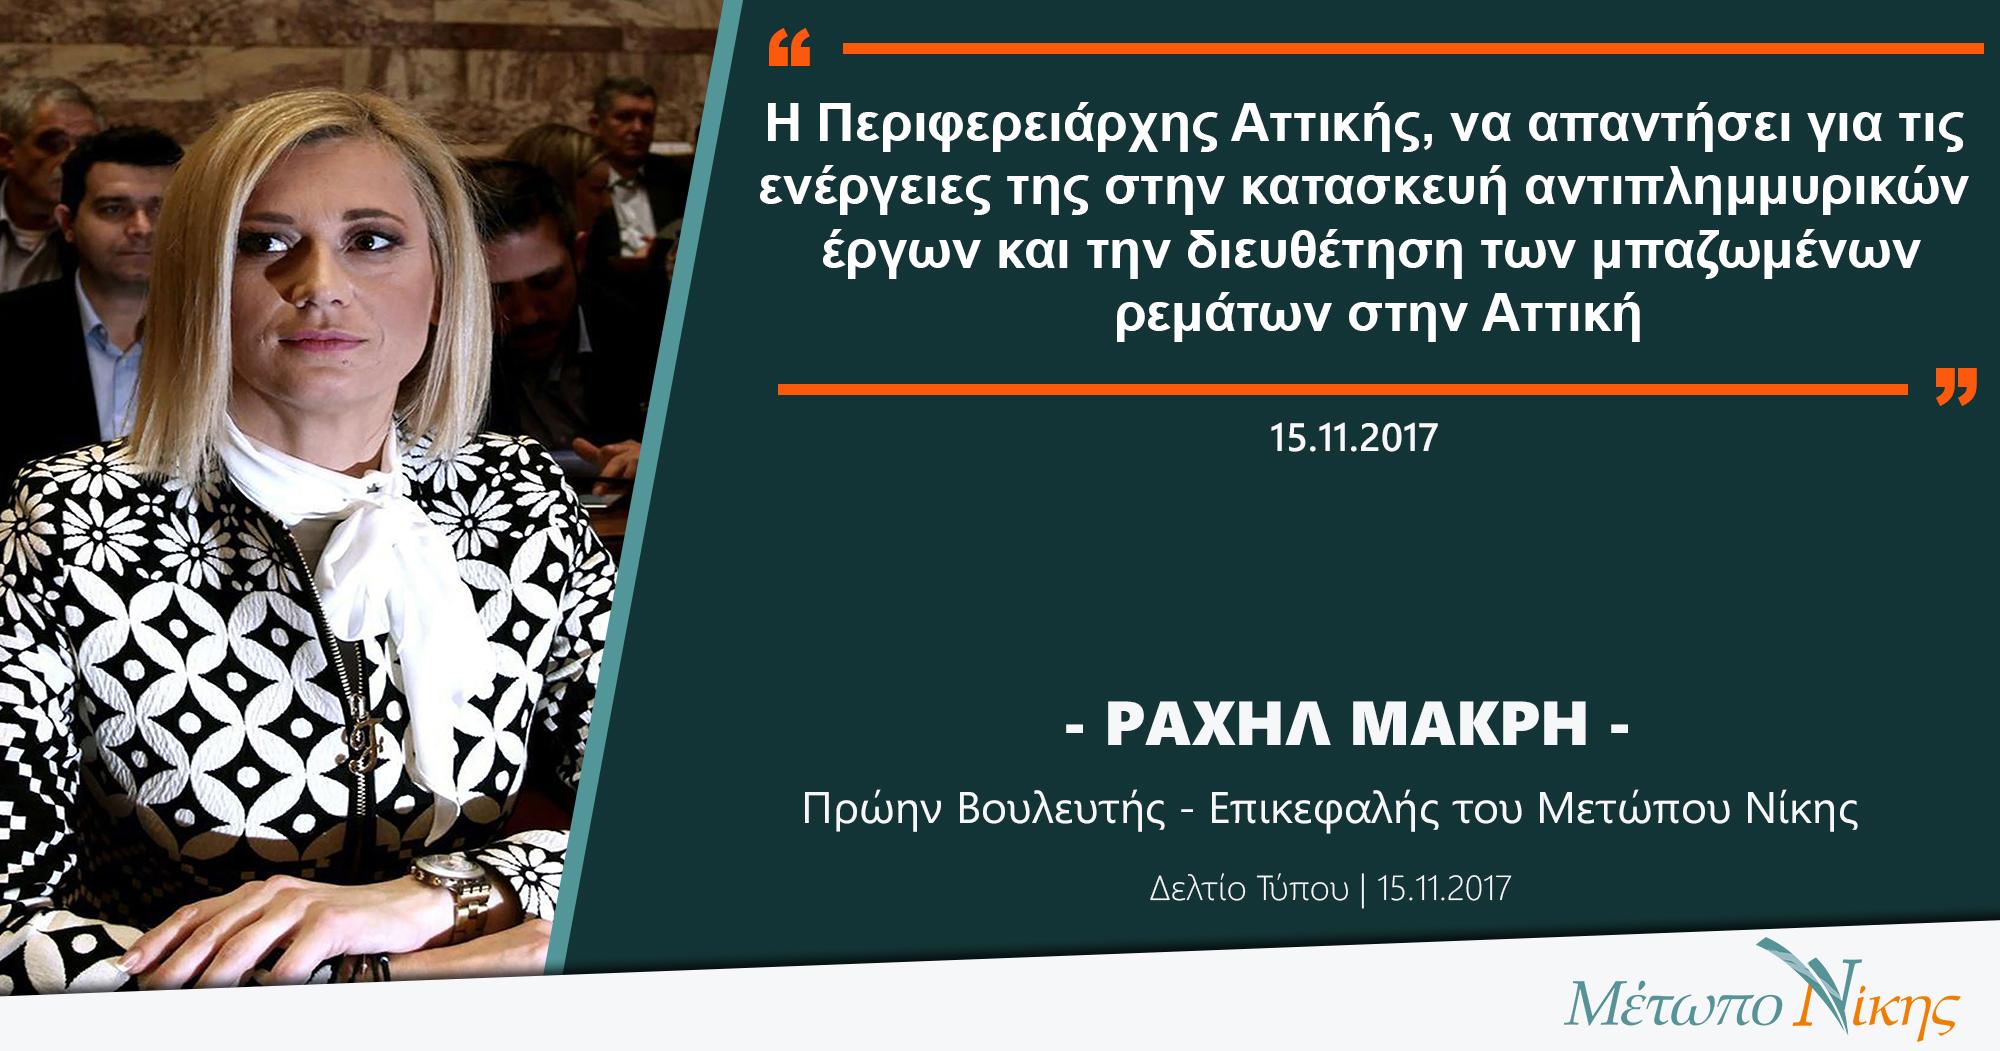 Ραχήλ Μακρή: «Η Περιφερειάρχης Αττικής, να απαντήσει για τις ενέργειες της στην κατασκευή αντιπλημμυρικών έργων και την διευθέτηση των μπαζωμένων ρεμάτων στην Αττική»